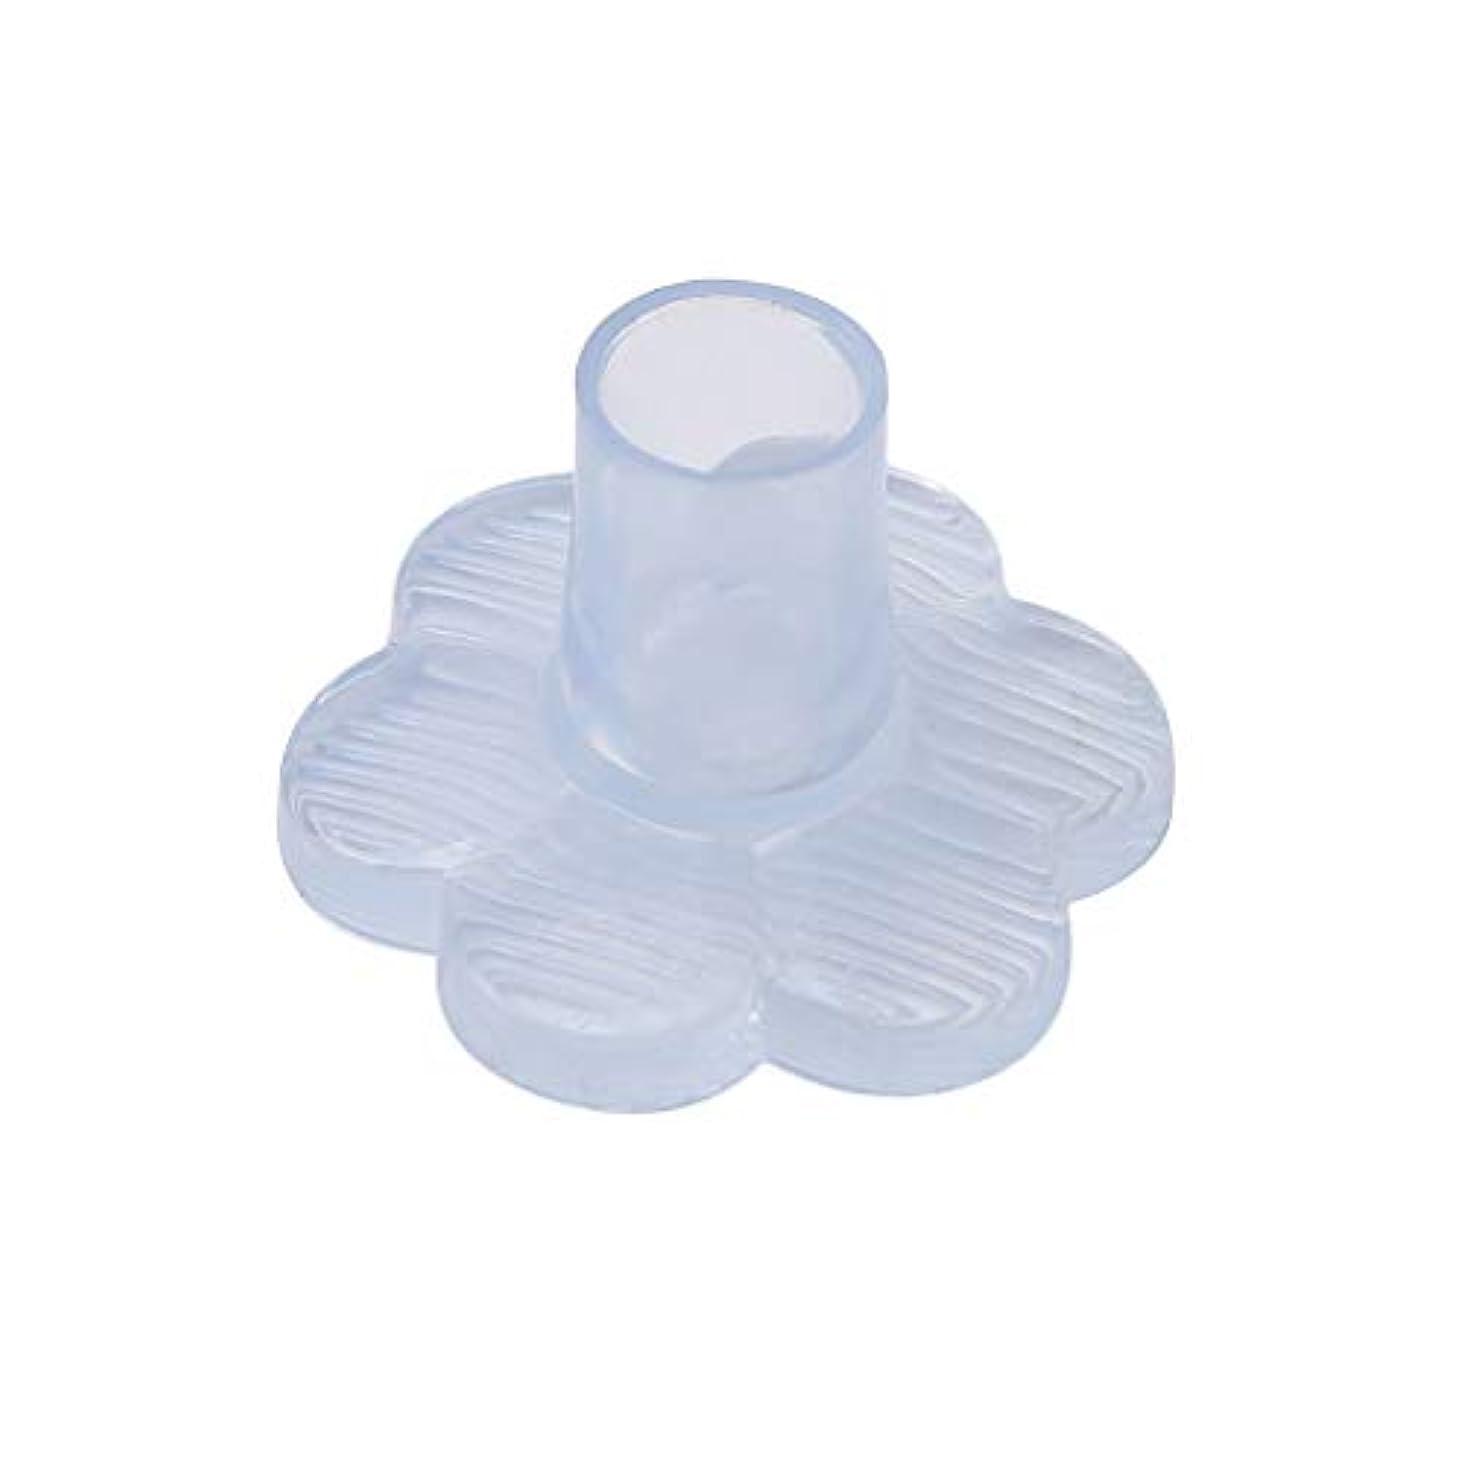 である麺乗算MODMHB ヒールキャップ 5ペアセット 透明PVC製 ハイヒール/ダンスシューズ用 ヒール保護 ヒールプロテクター 滑り止め ヒール傷防止,10-11mm直径